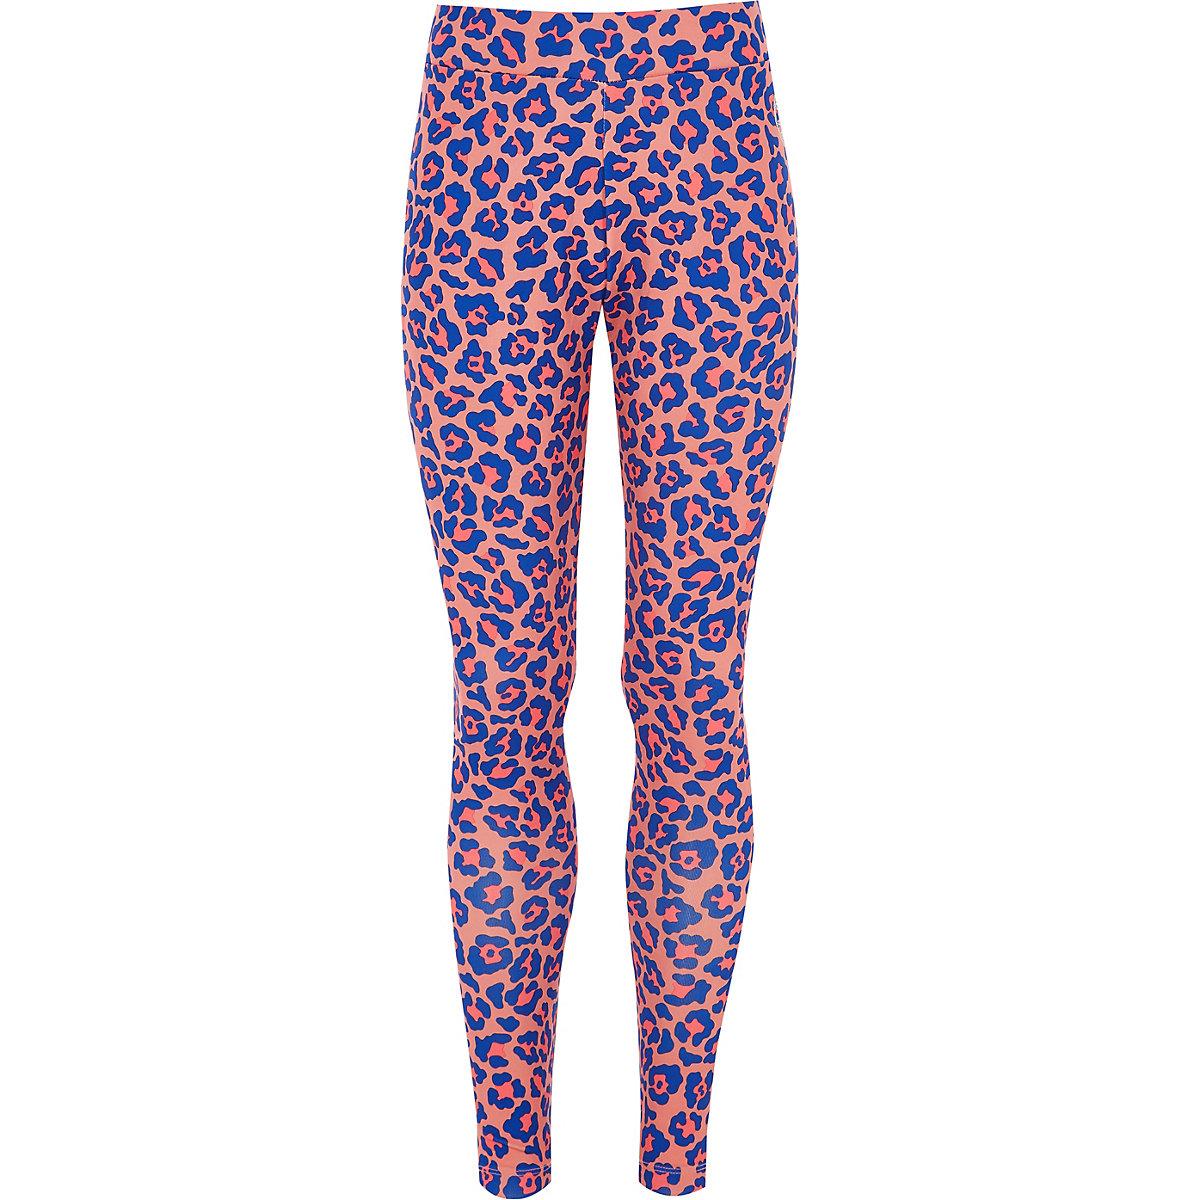 Legging Converse rose à imprimé léopard pour fille